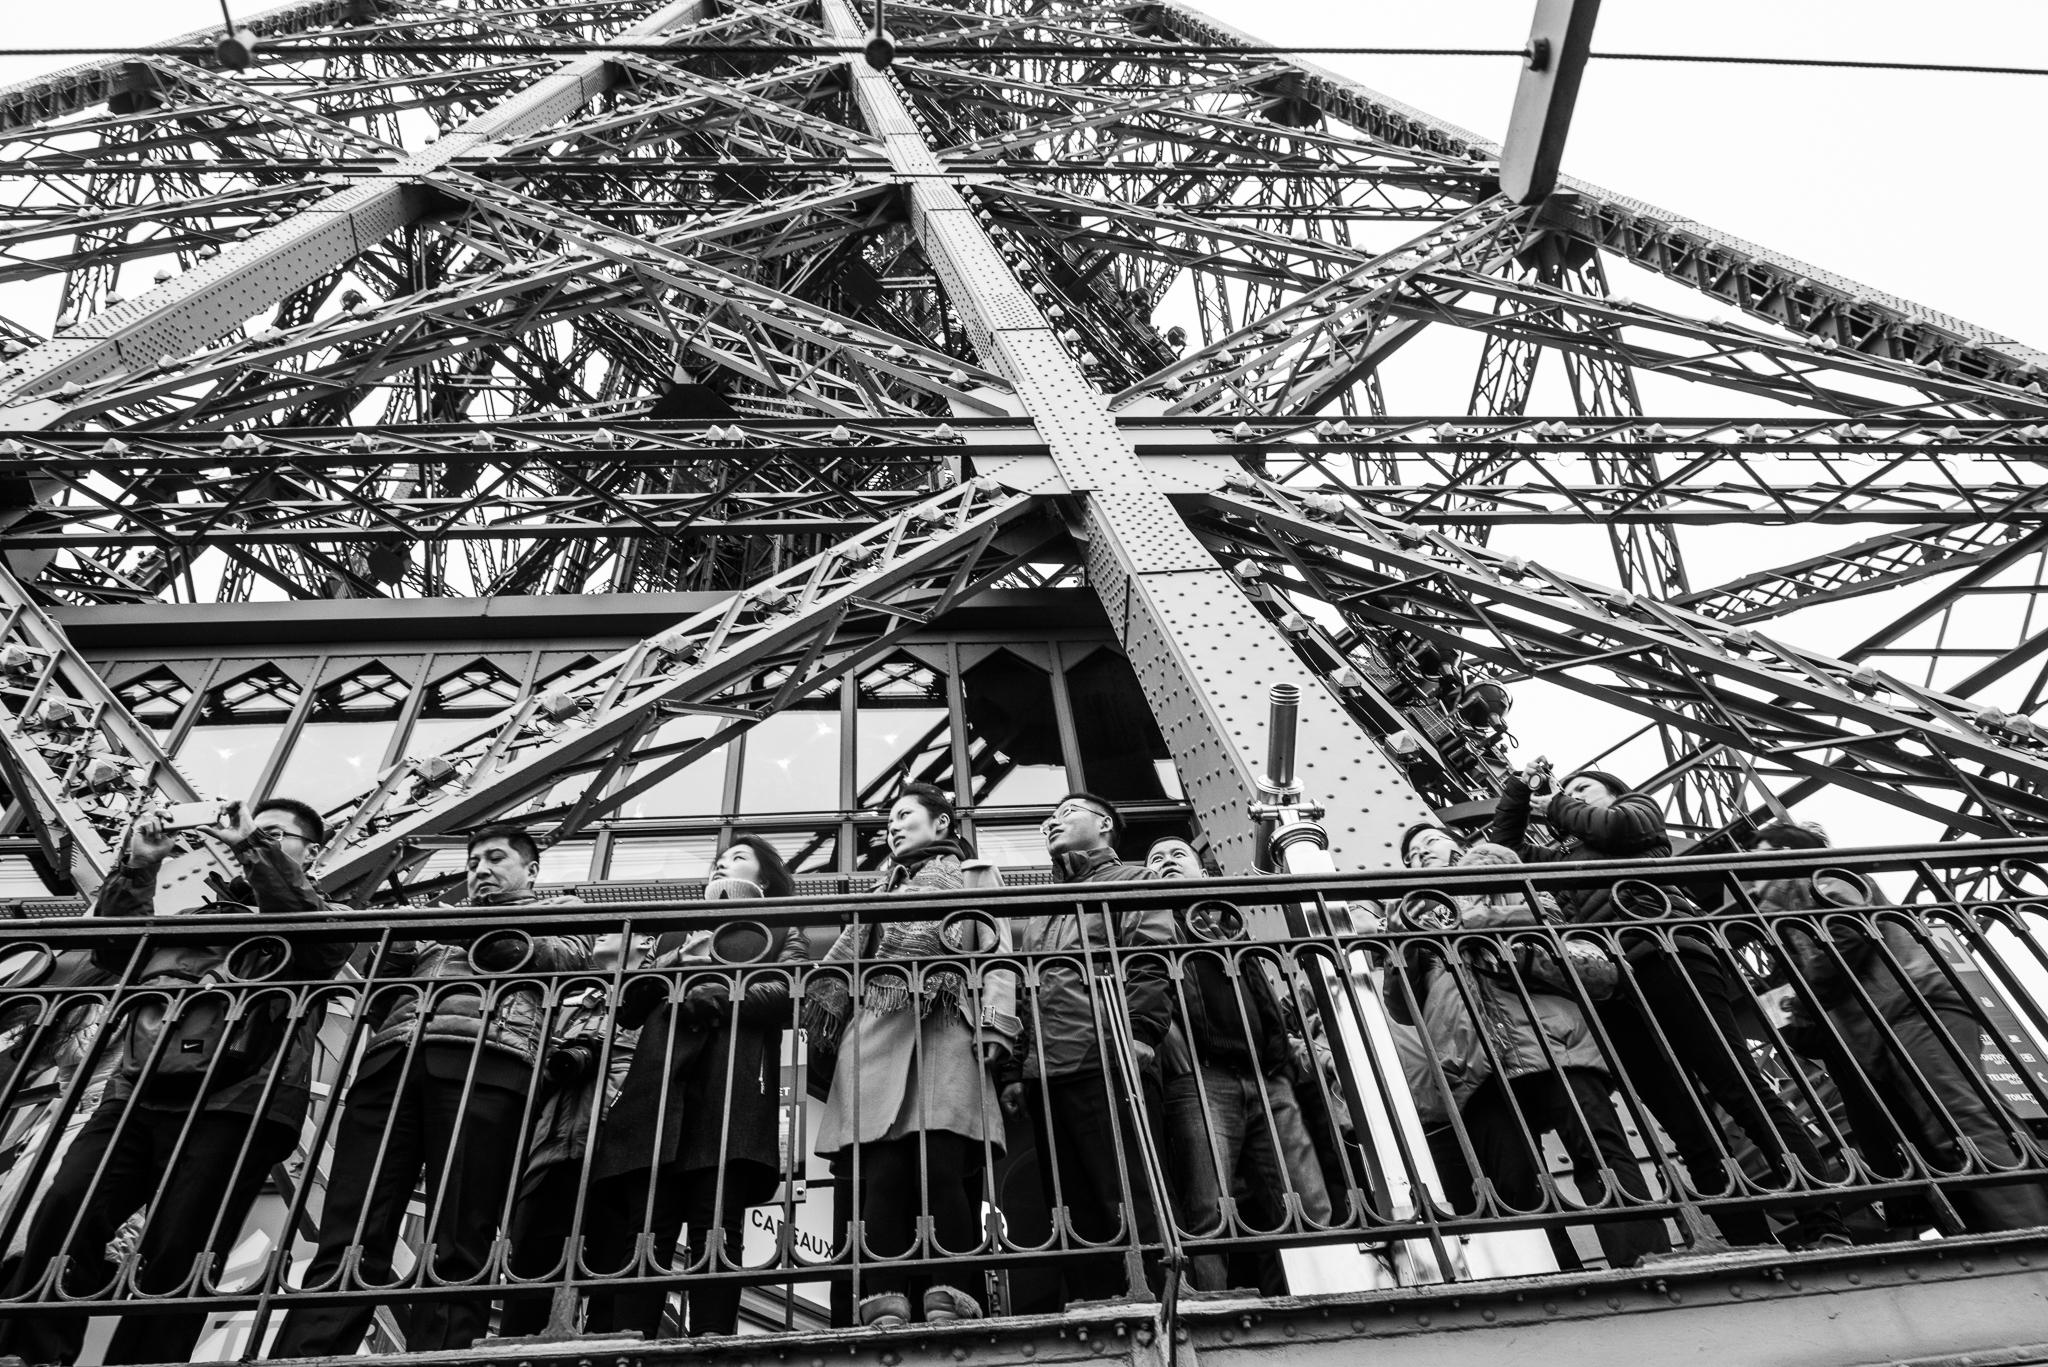 Jason-Davis-Images-Paris-0023.jpg